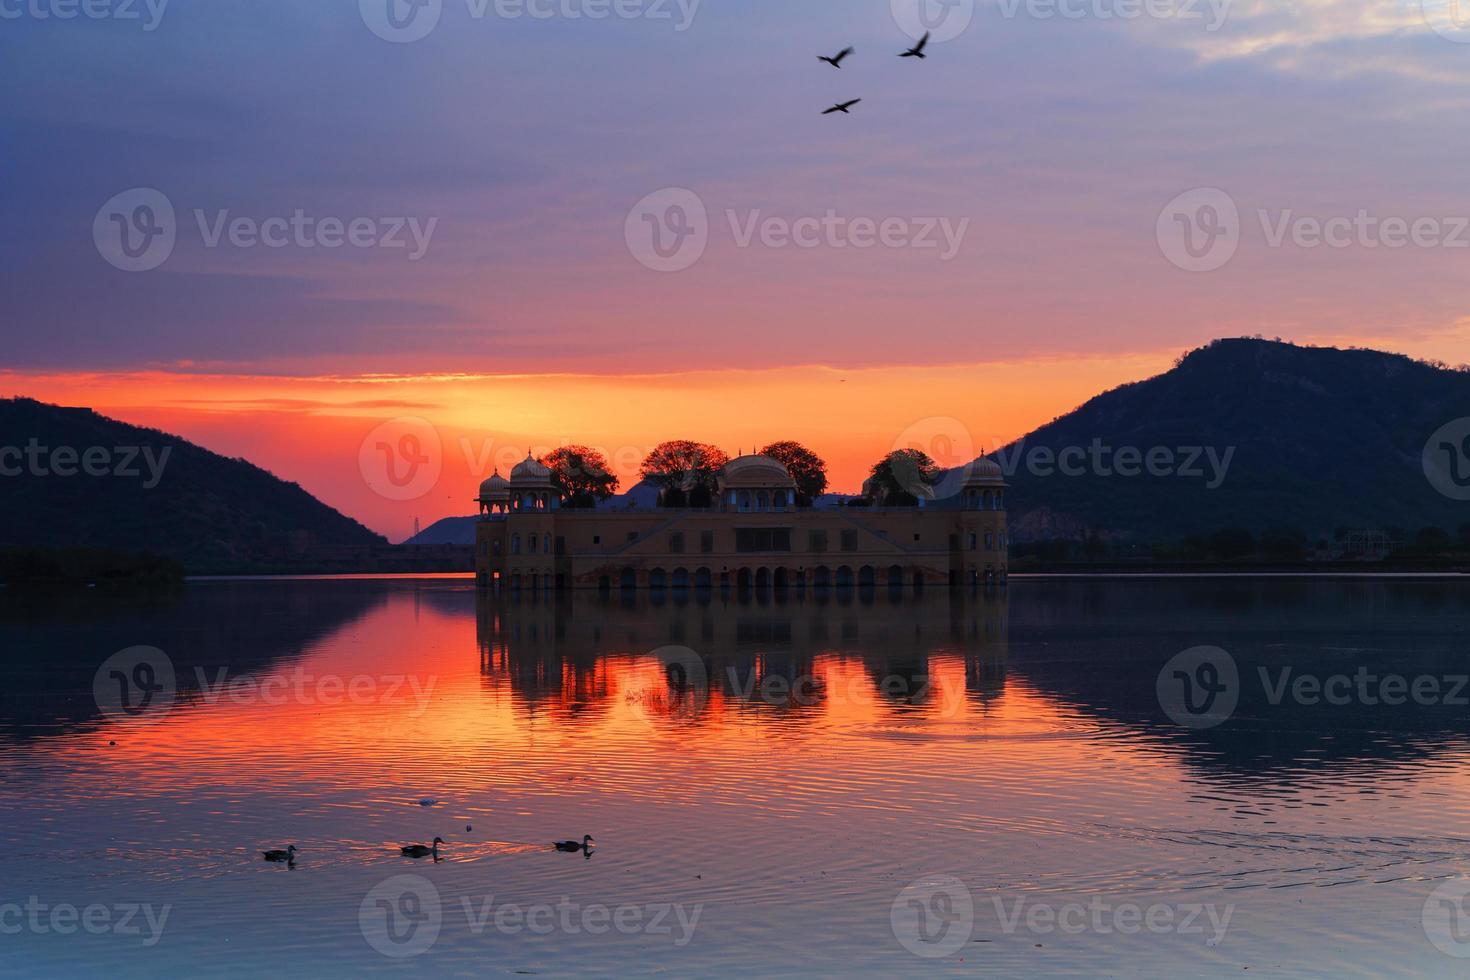 Sonnenaufgang bei Jal Mahal, Jaipur, Indien. foto